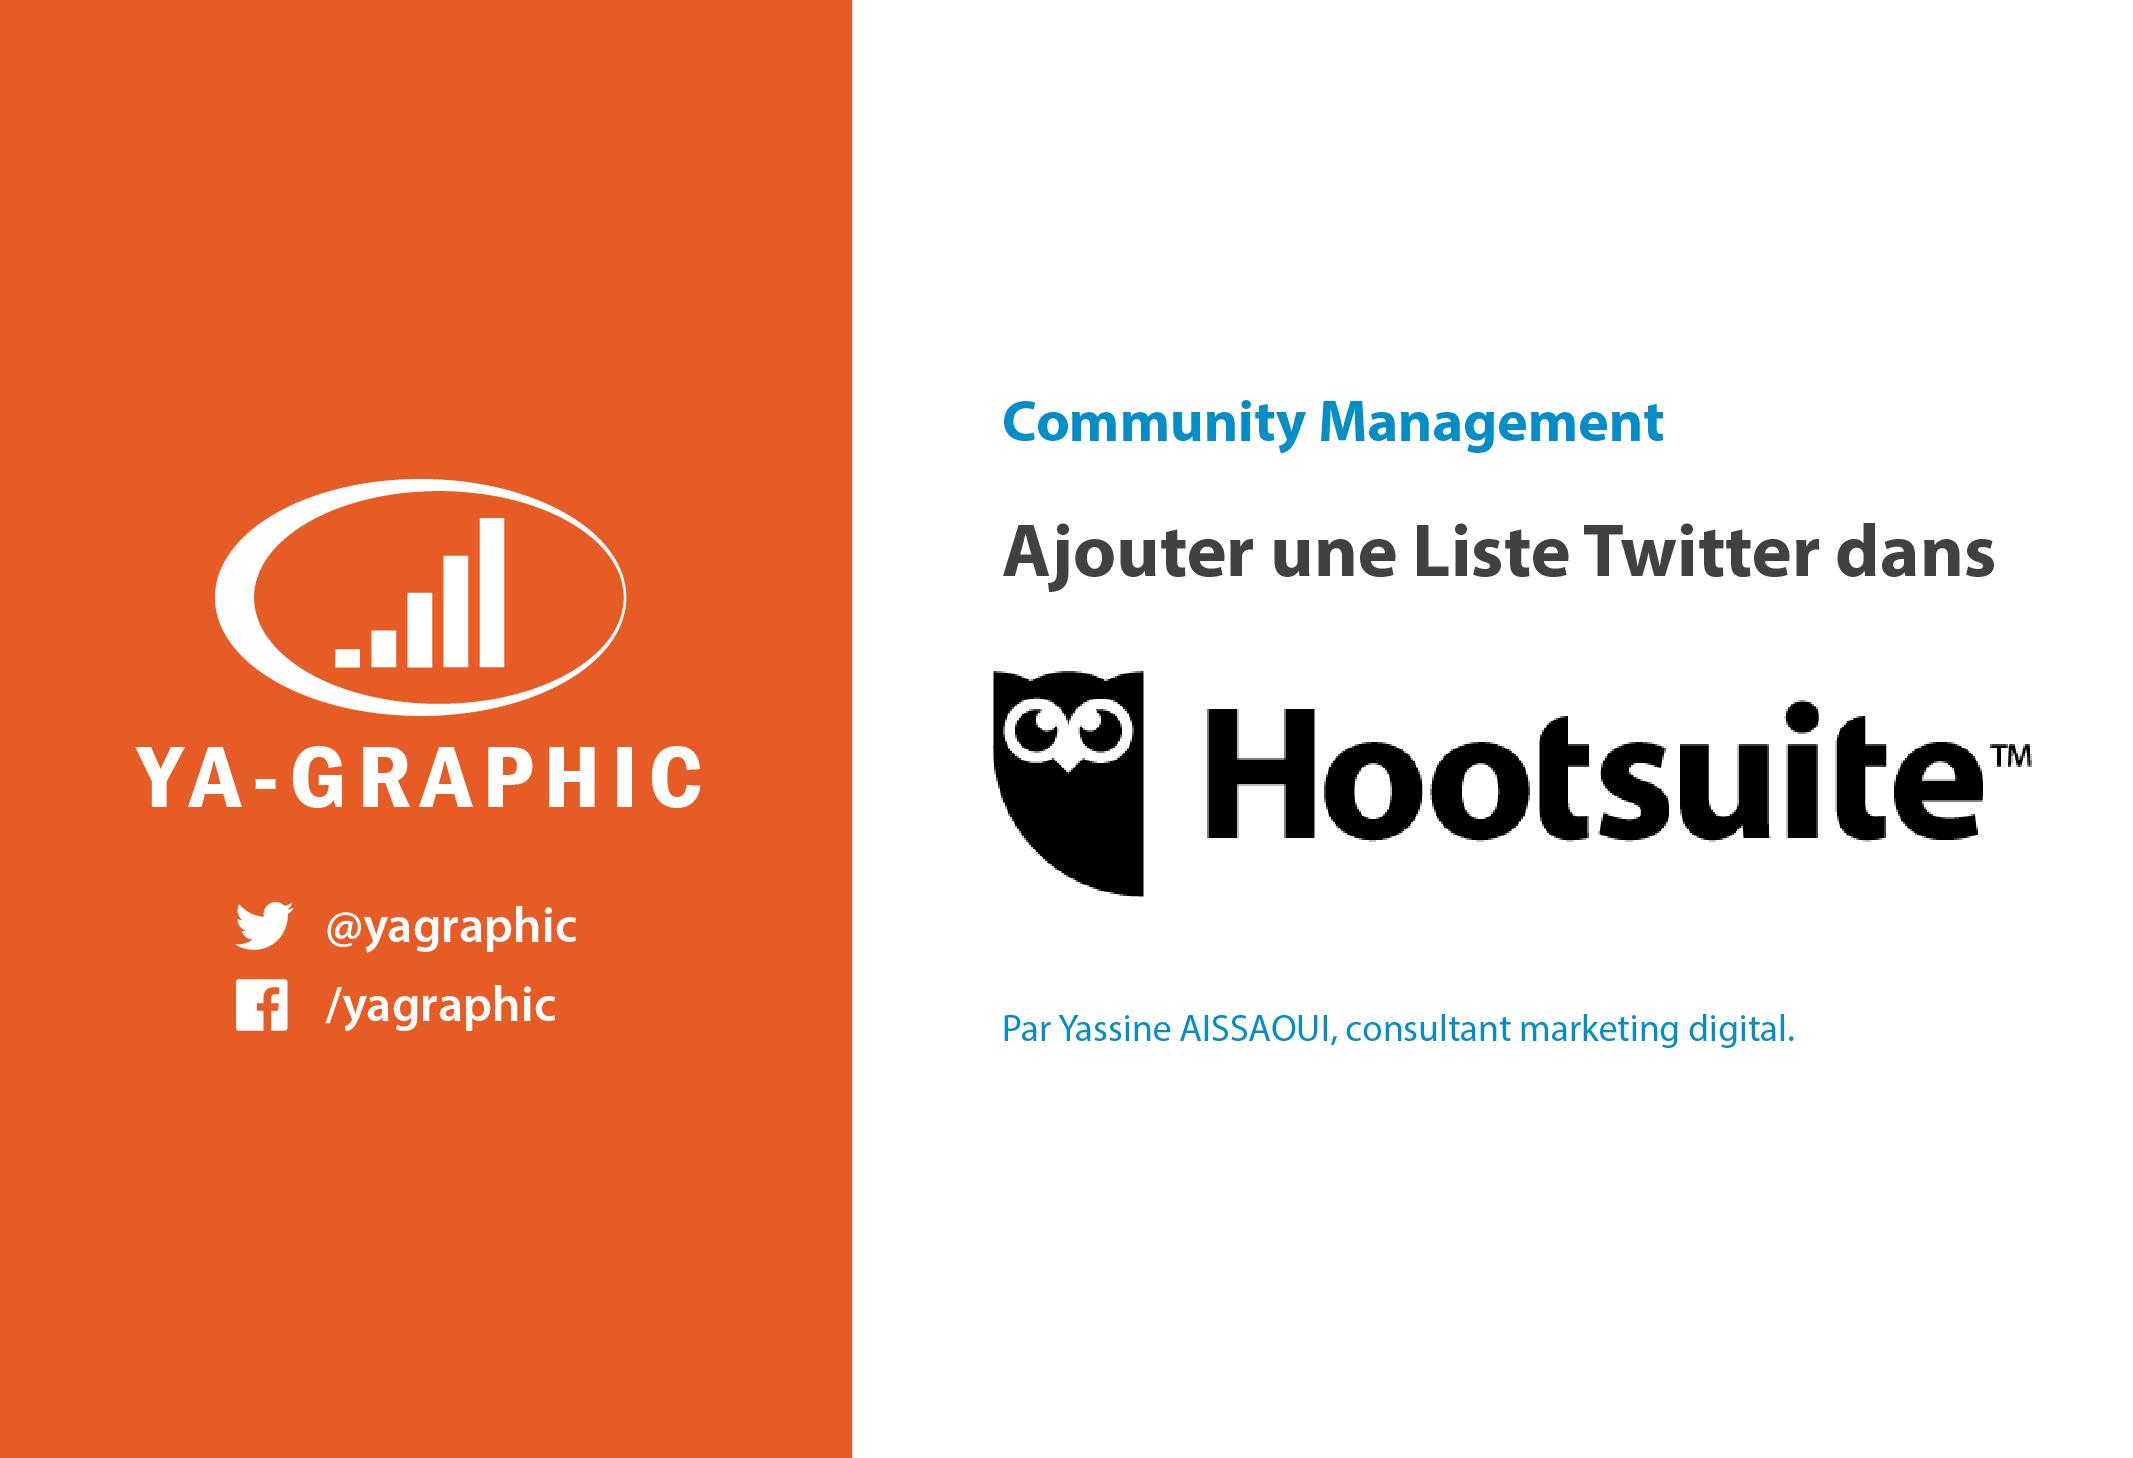 Ajouter une Liste Twitter dans Hootsuite